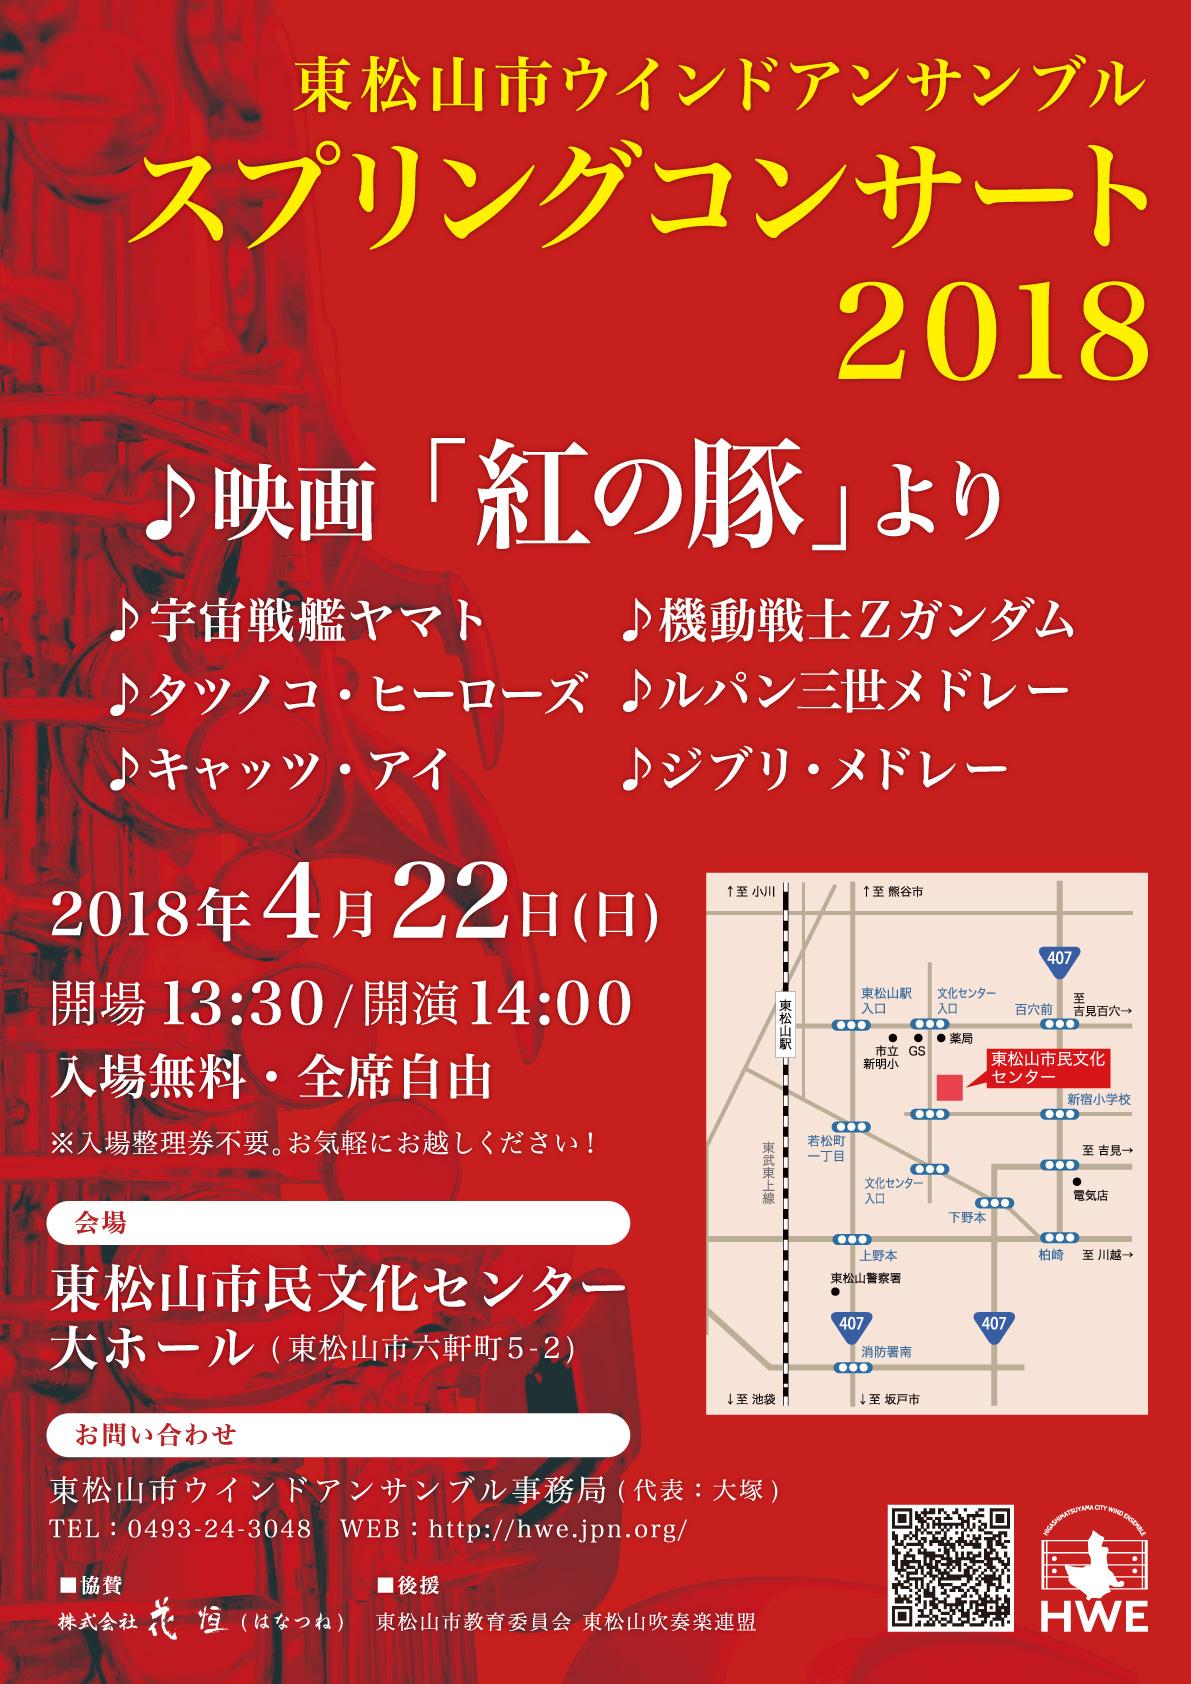 スプリングコンサート2018 開催のお知らせ